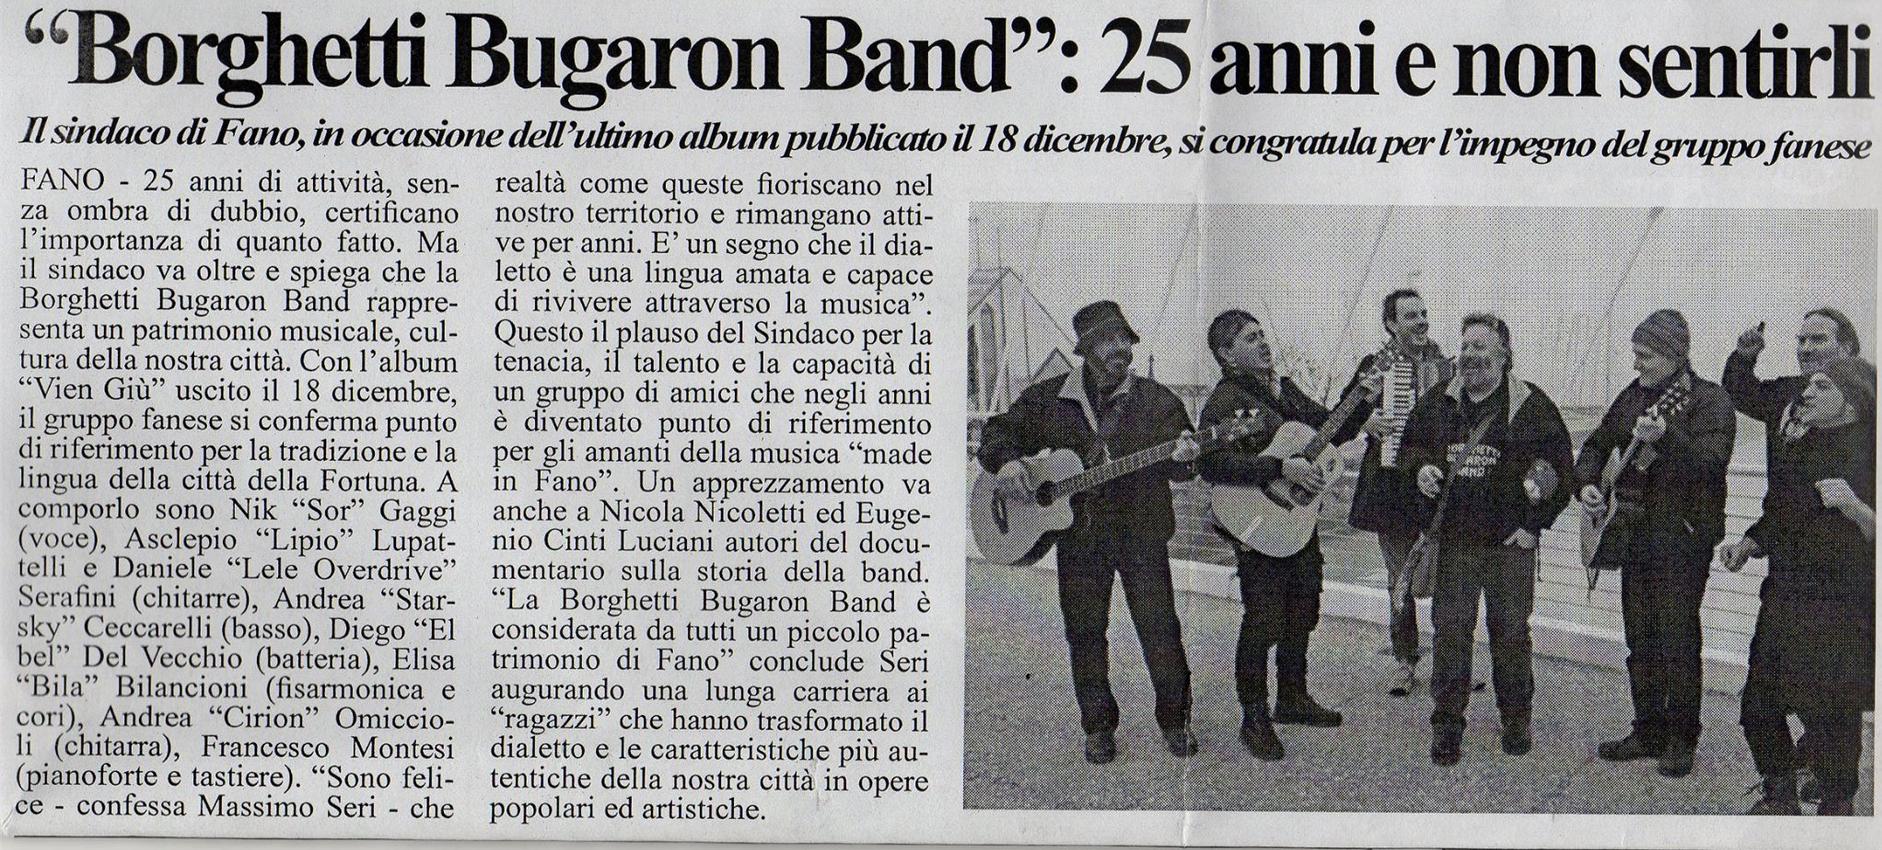 sindaco di fano elogia la Bugaron Band